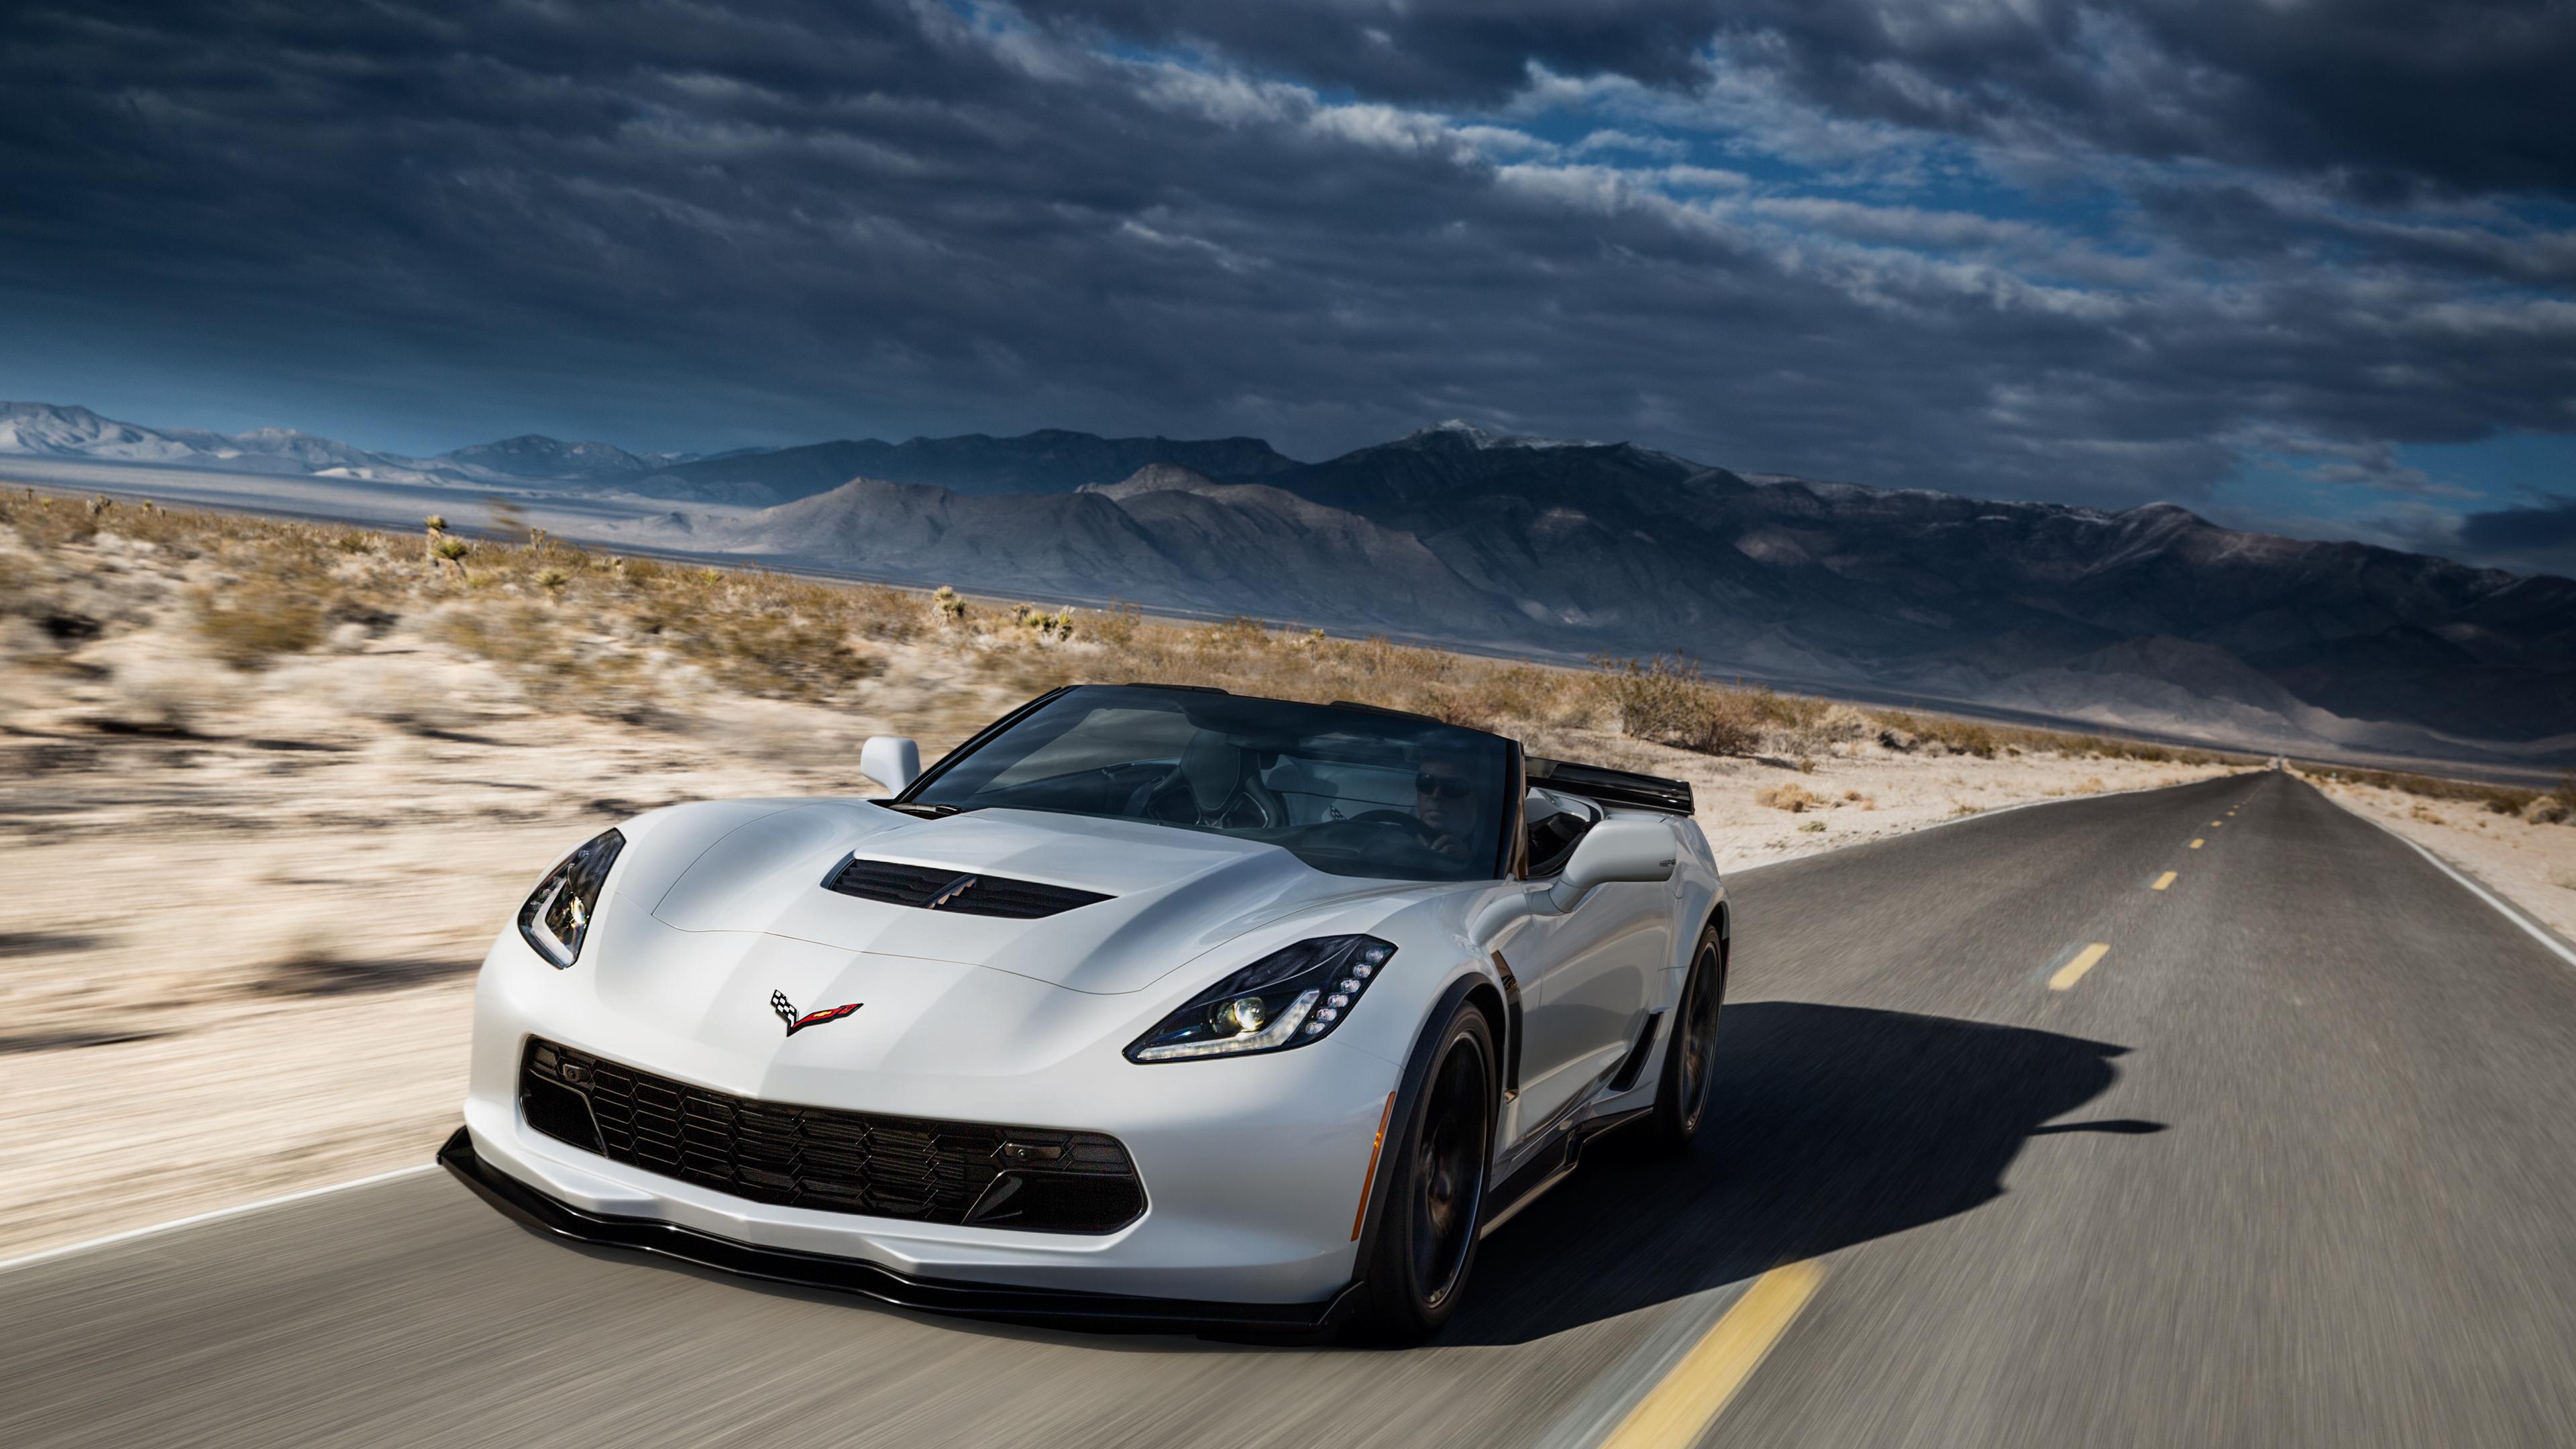 3840x2160 Chevrolet Corvette 8k 4k HD 4k Wallpapers ...